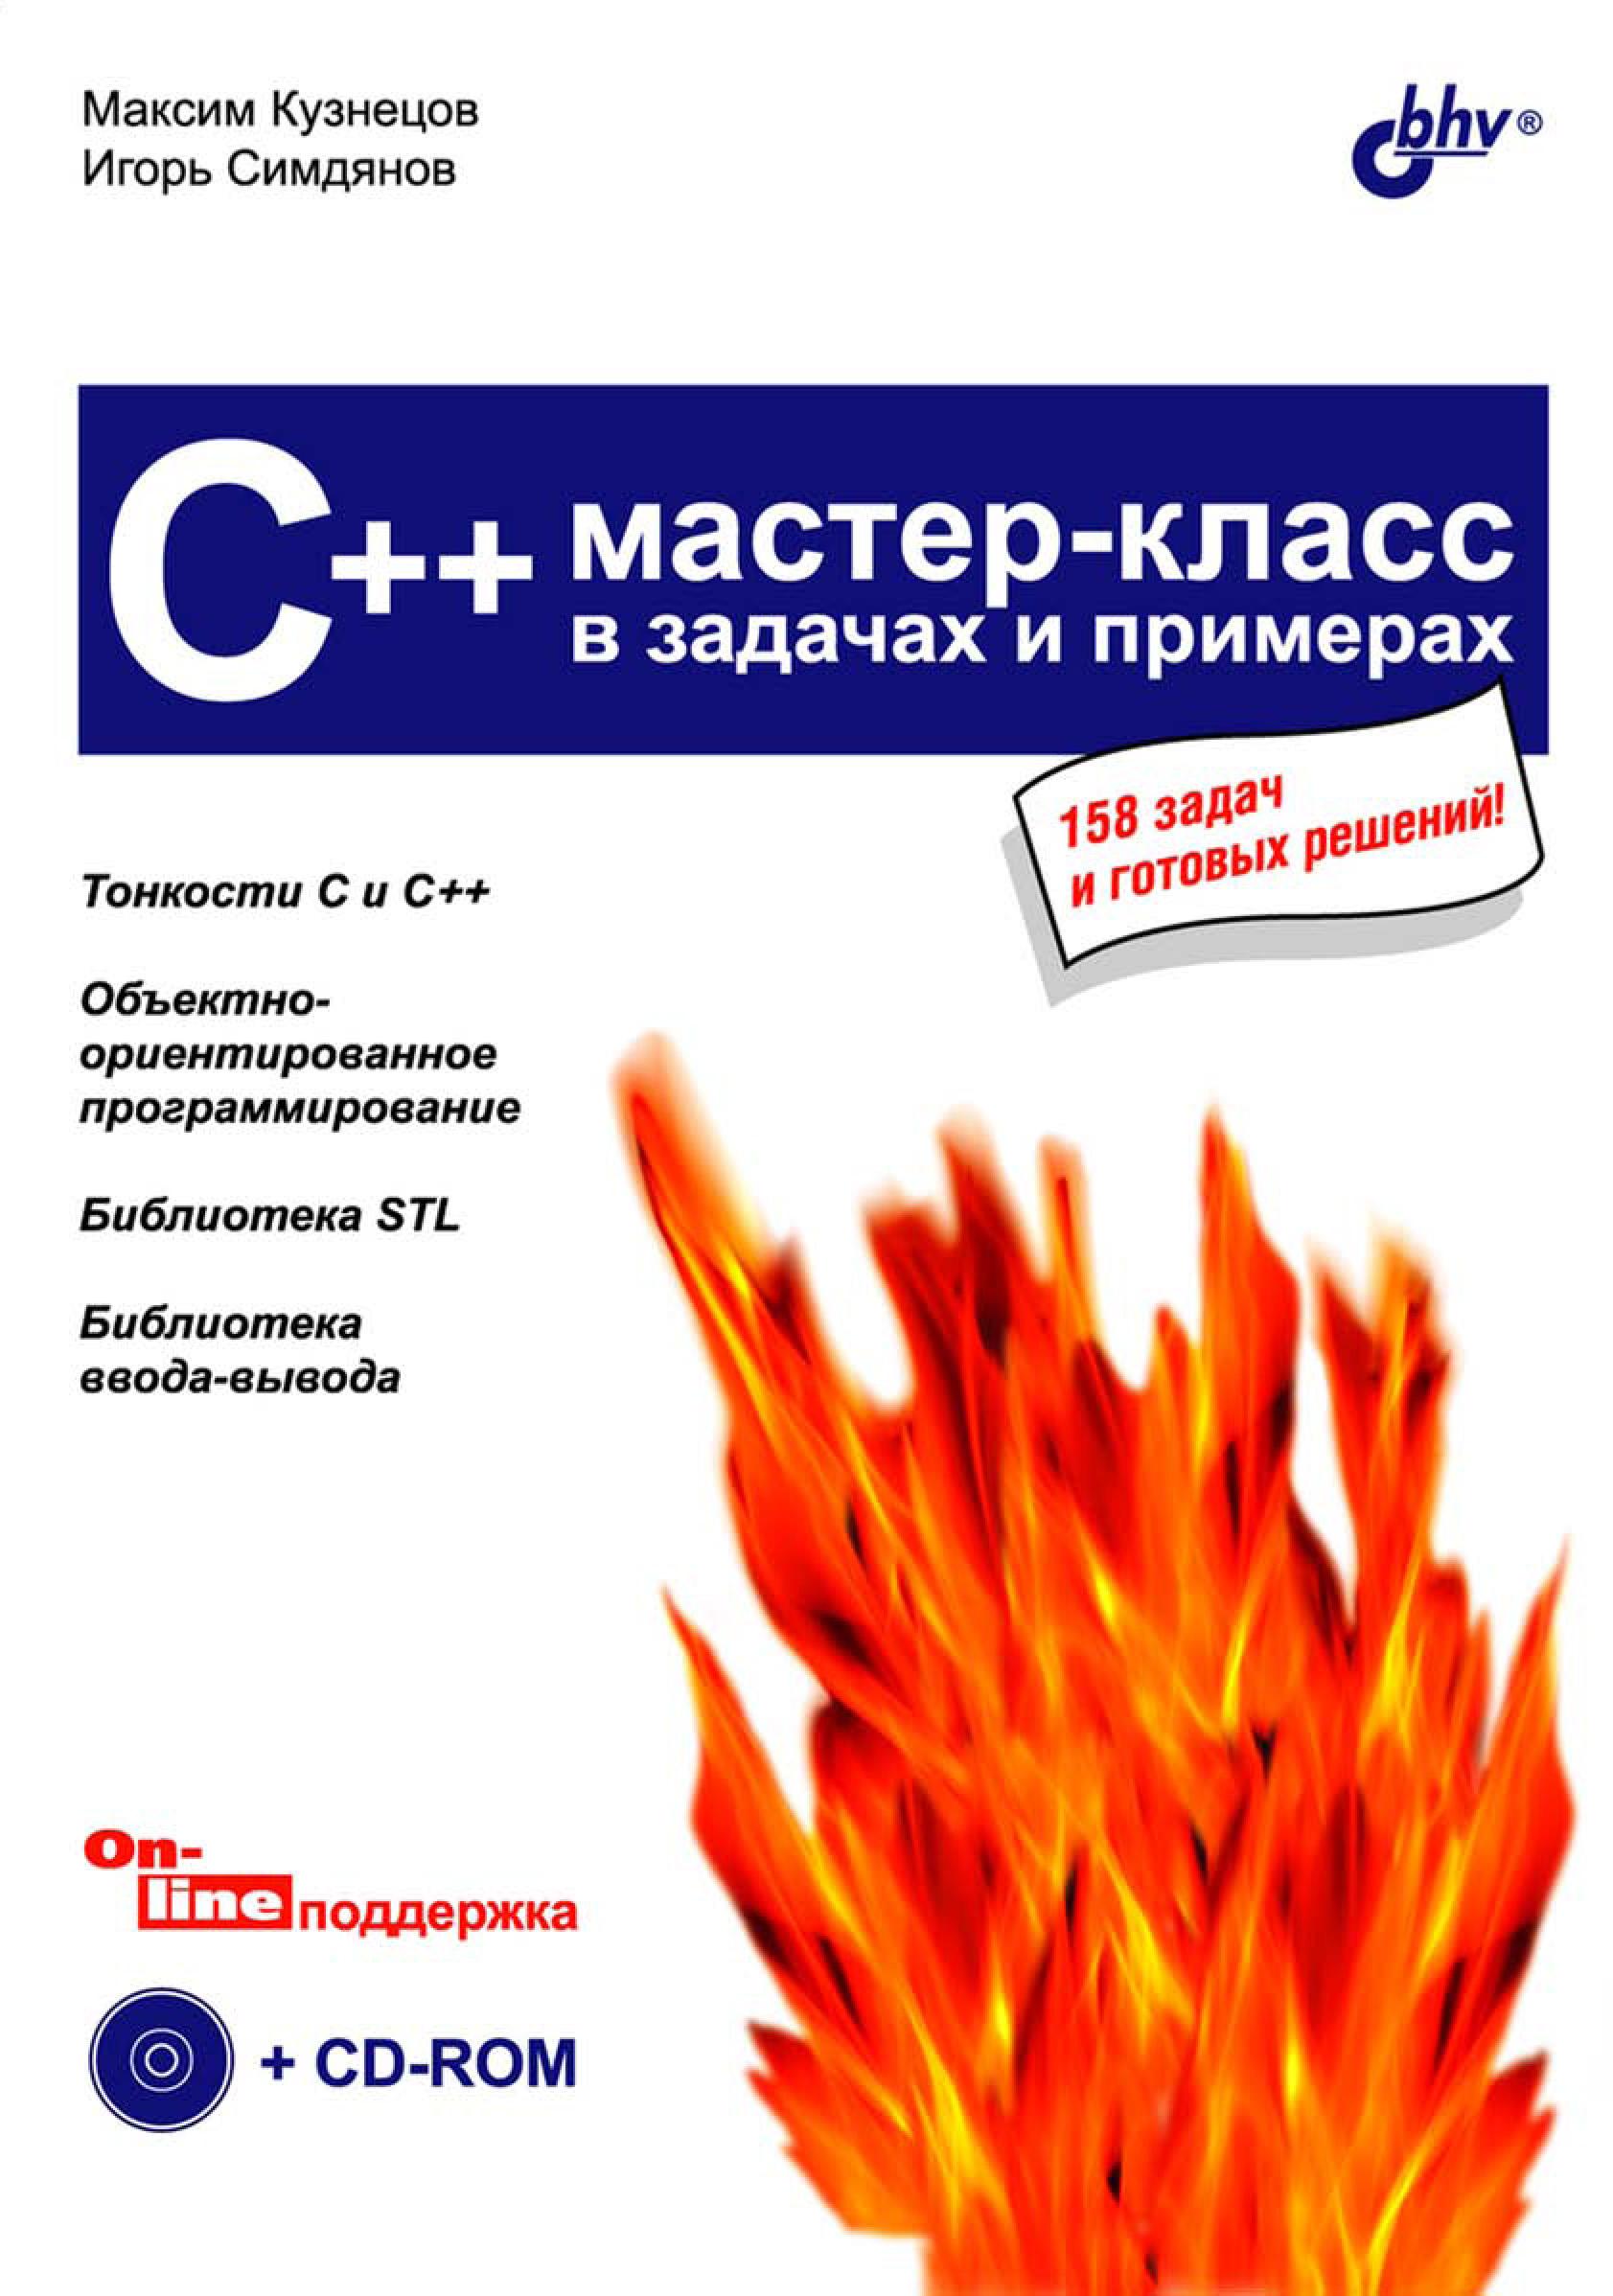 Максим Кузнецов C++. Мастер-класс в задачах и примерах